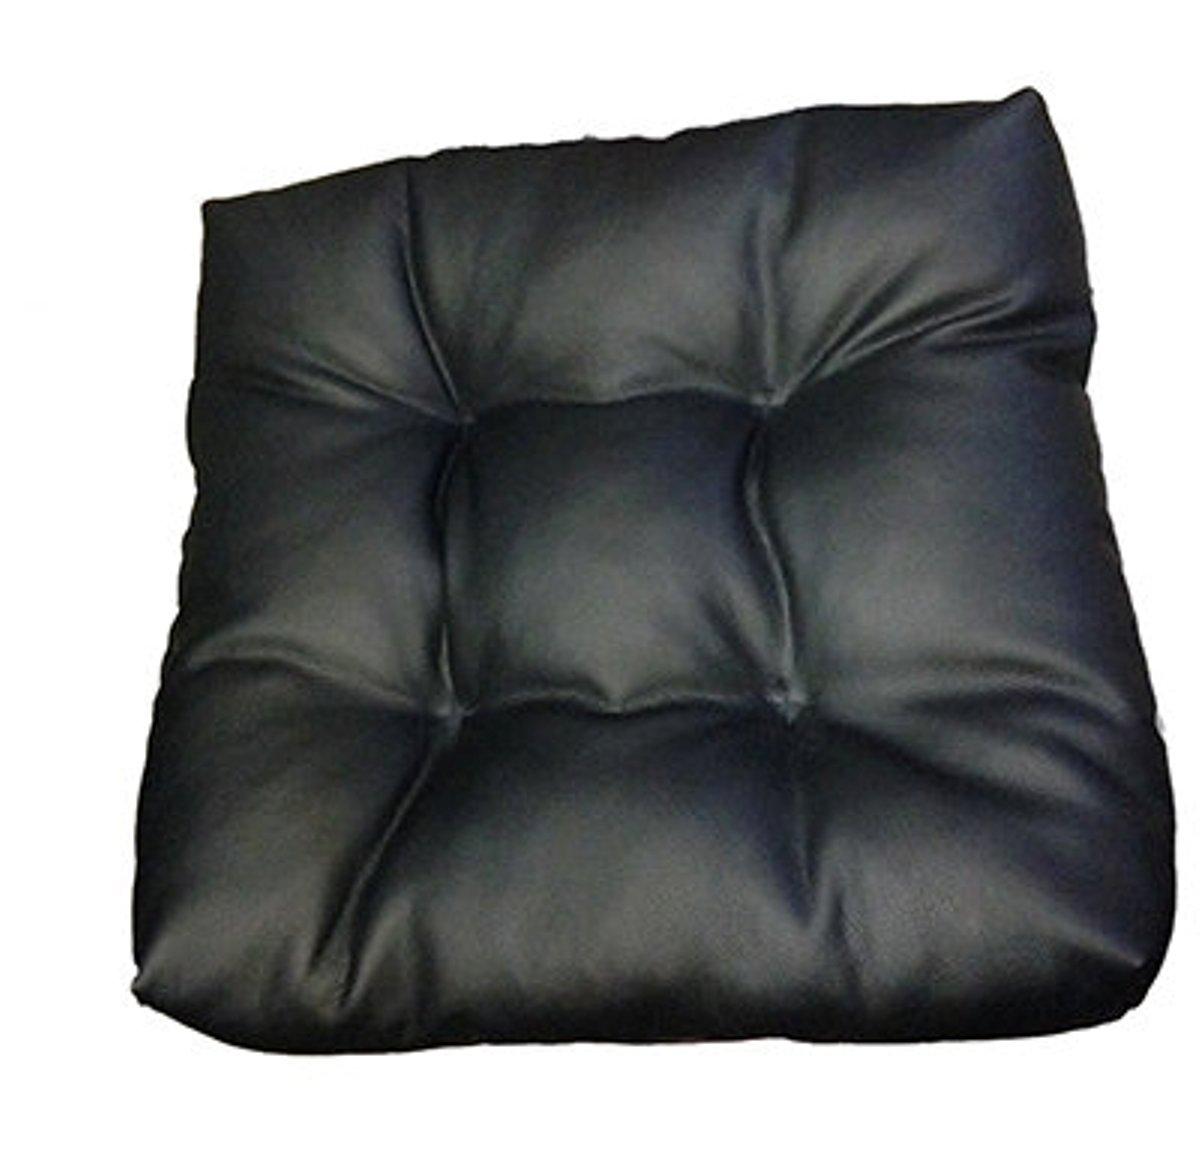 Подушка на сиденье Auto premium, с фиксирующим ремнем, цвет: черный. 77011/М08177011/М081Подушка на сиденье выполнена в стеганом стиле. Материал поверхности - высококачественная экокожа. Тем самым достигается прочность и долговечность, сравнимая с натуральной кожей. Стоит отметить, что этот материал стал выбором для большинства производителей мебели и чехлов на сиденья, именно благодаря своей прочности. Набита подушка наполнителем на основе силиконизированного волокна. Что придает ей мягкость и комфорт высокого уровня. Подушка способна поднять автомобильное сиденье на пять-семь сантиметров. Степень набивки можно регулировать благодаря наличию молнии